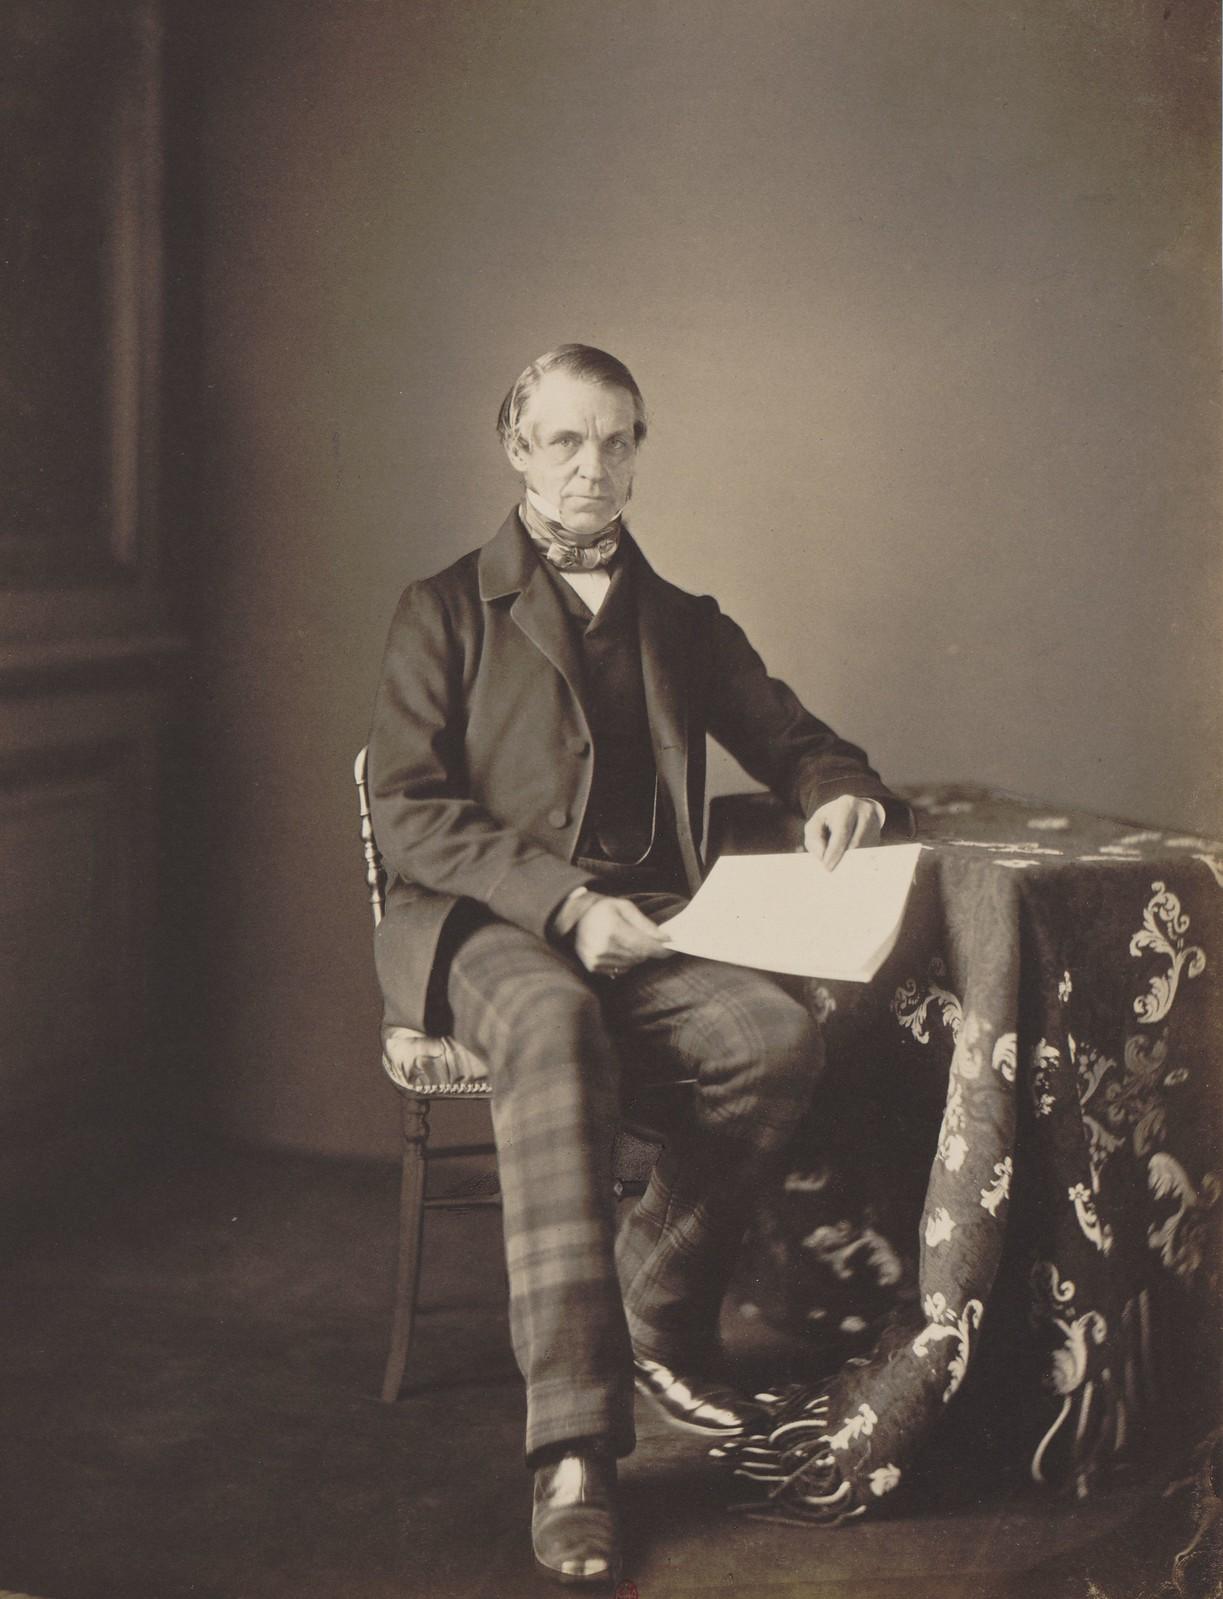 04. Посланник Великобритании в Париже, второй уполномоченный на Конгрессе, лорд Генри Каули